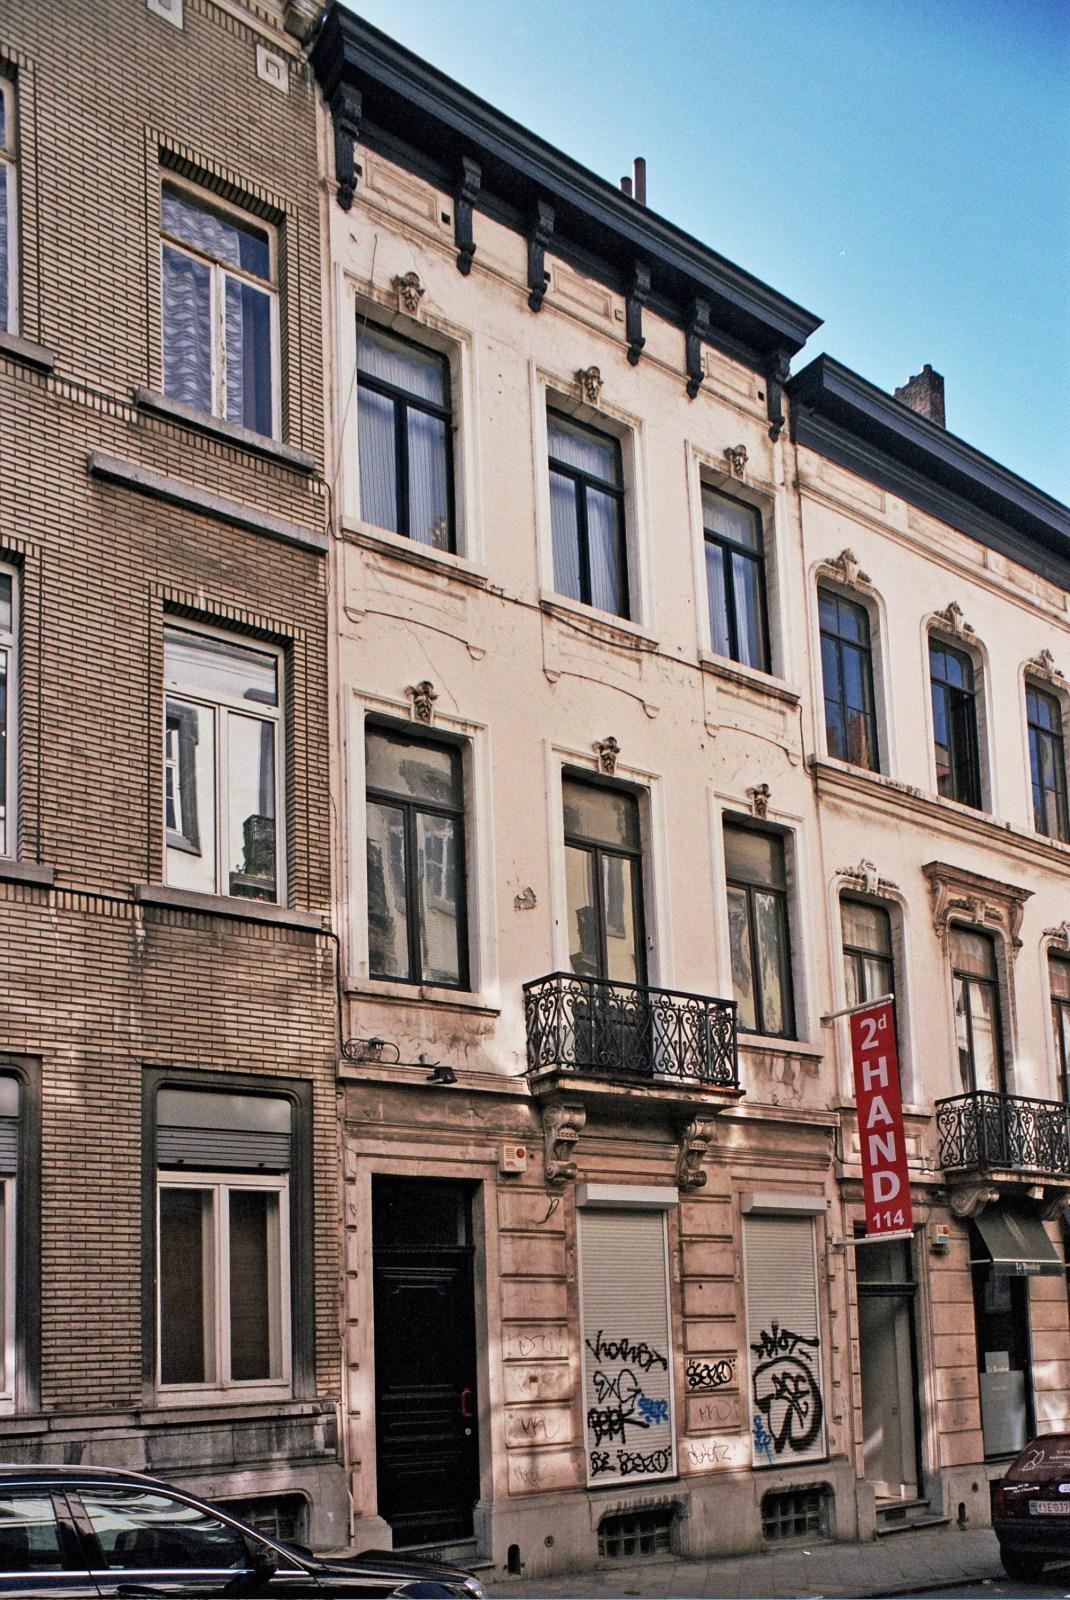 Rue de Stassart 114., 2009